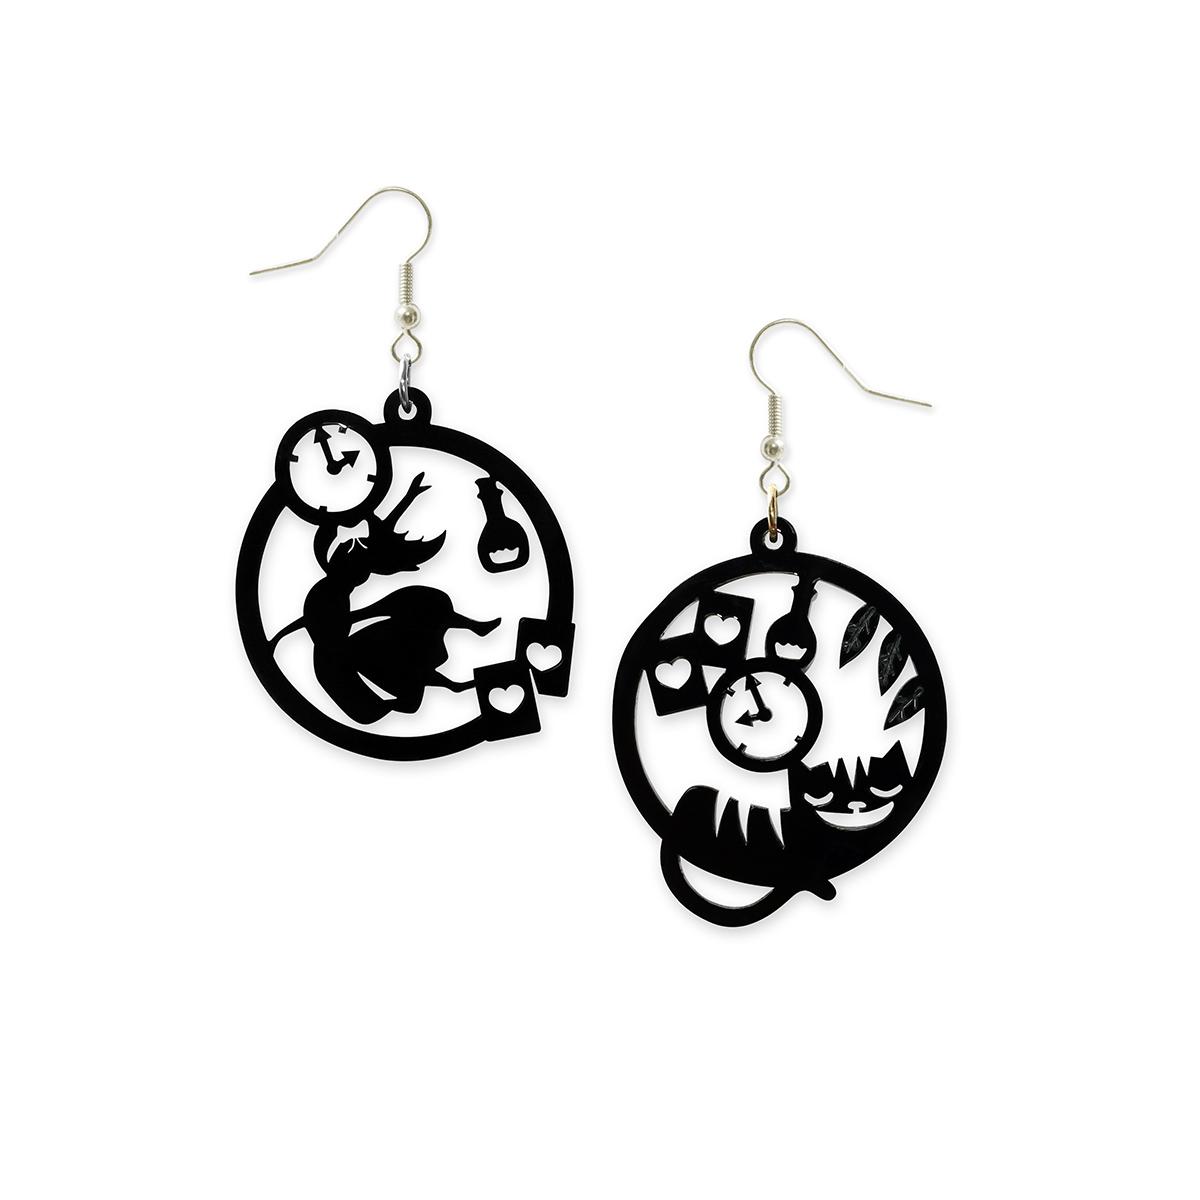 Alice silhouette earrings